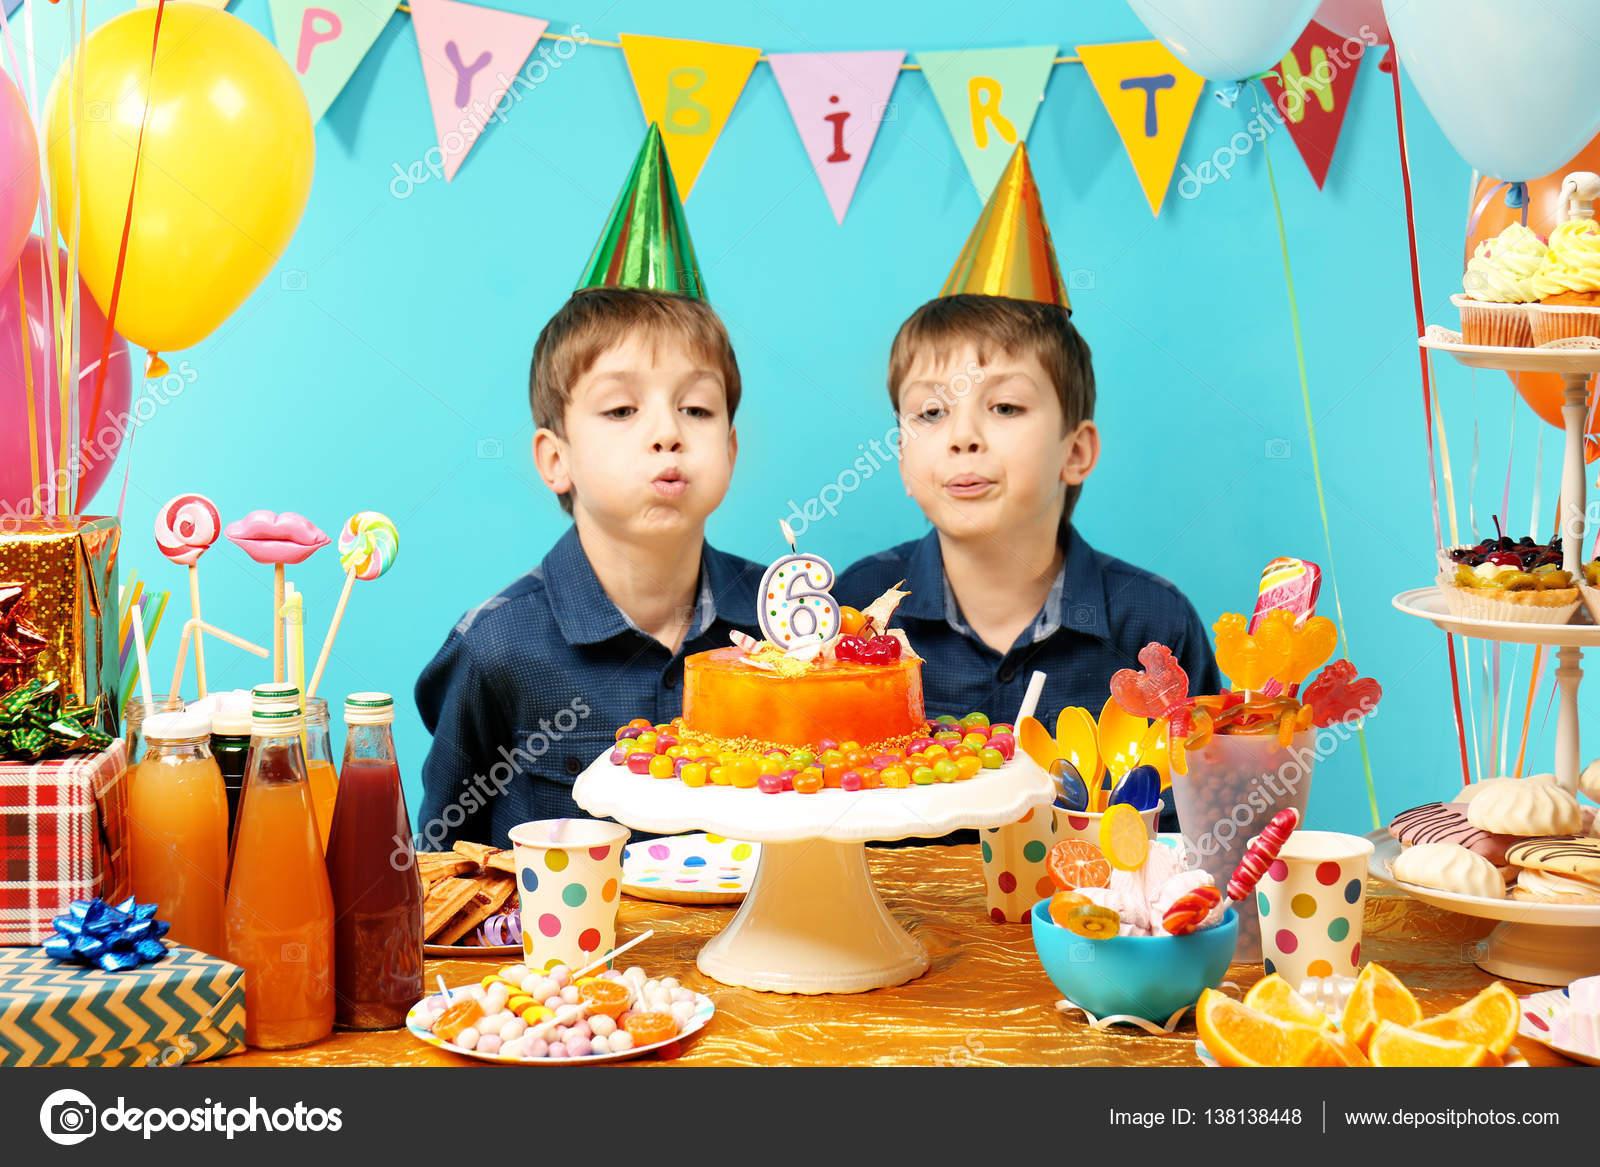 Zwillinge Feiern Geburtstag Stockfoto C Belchonock 138138448